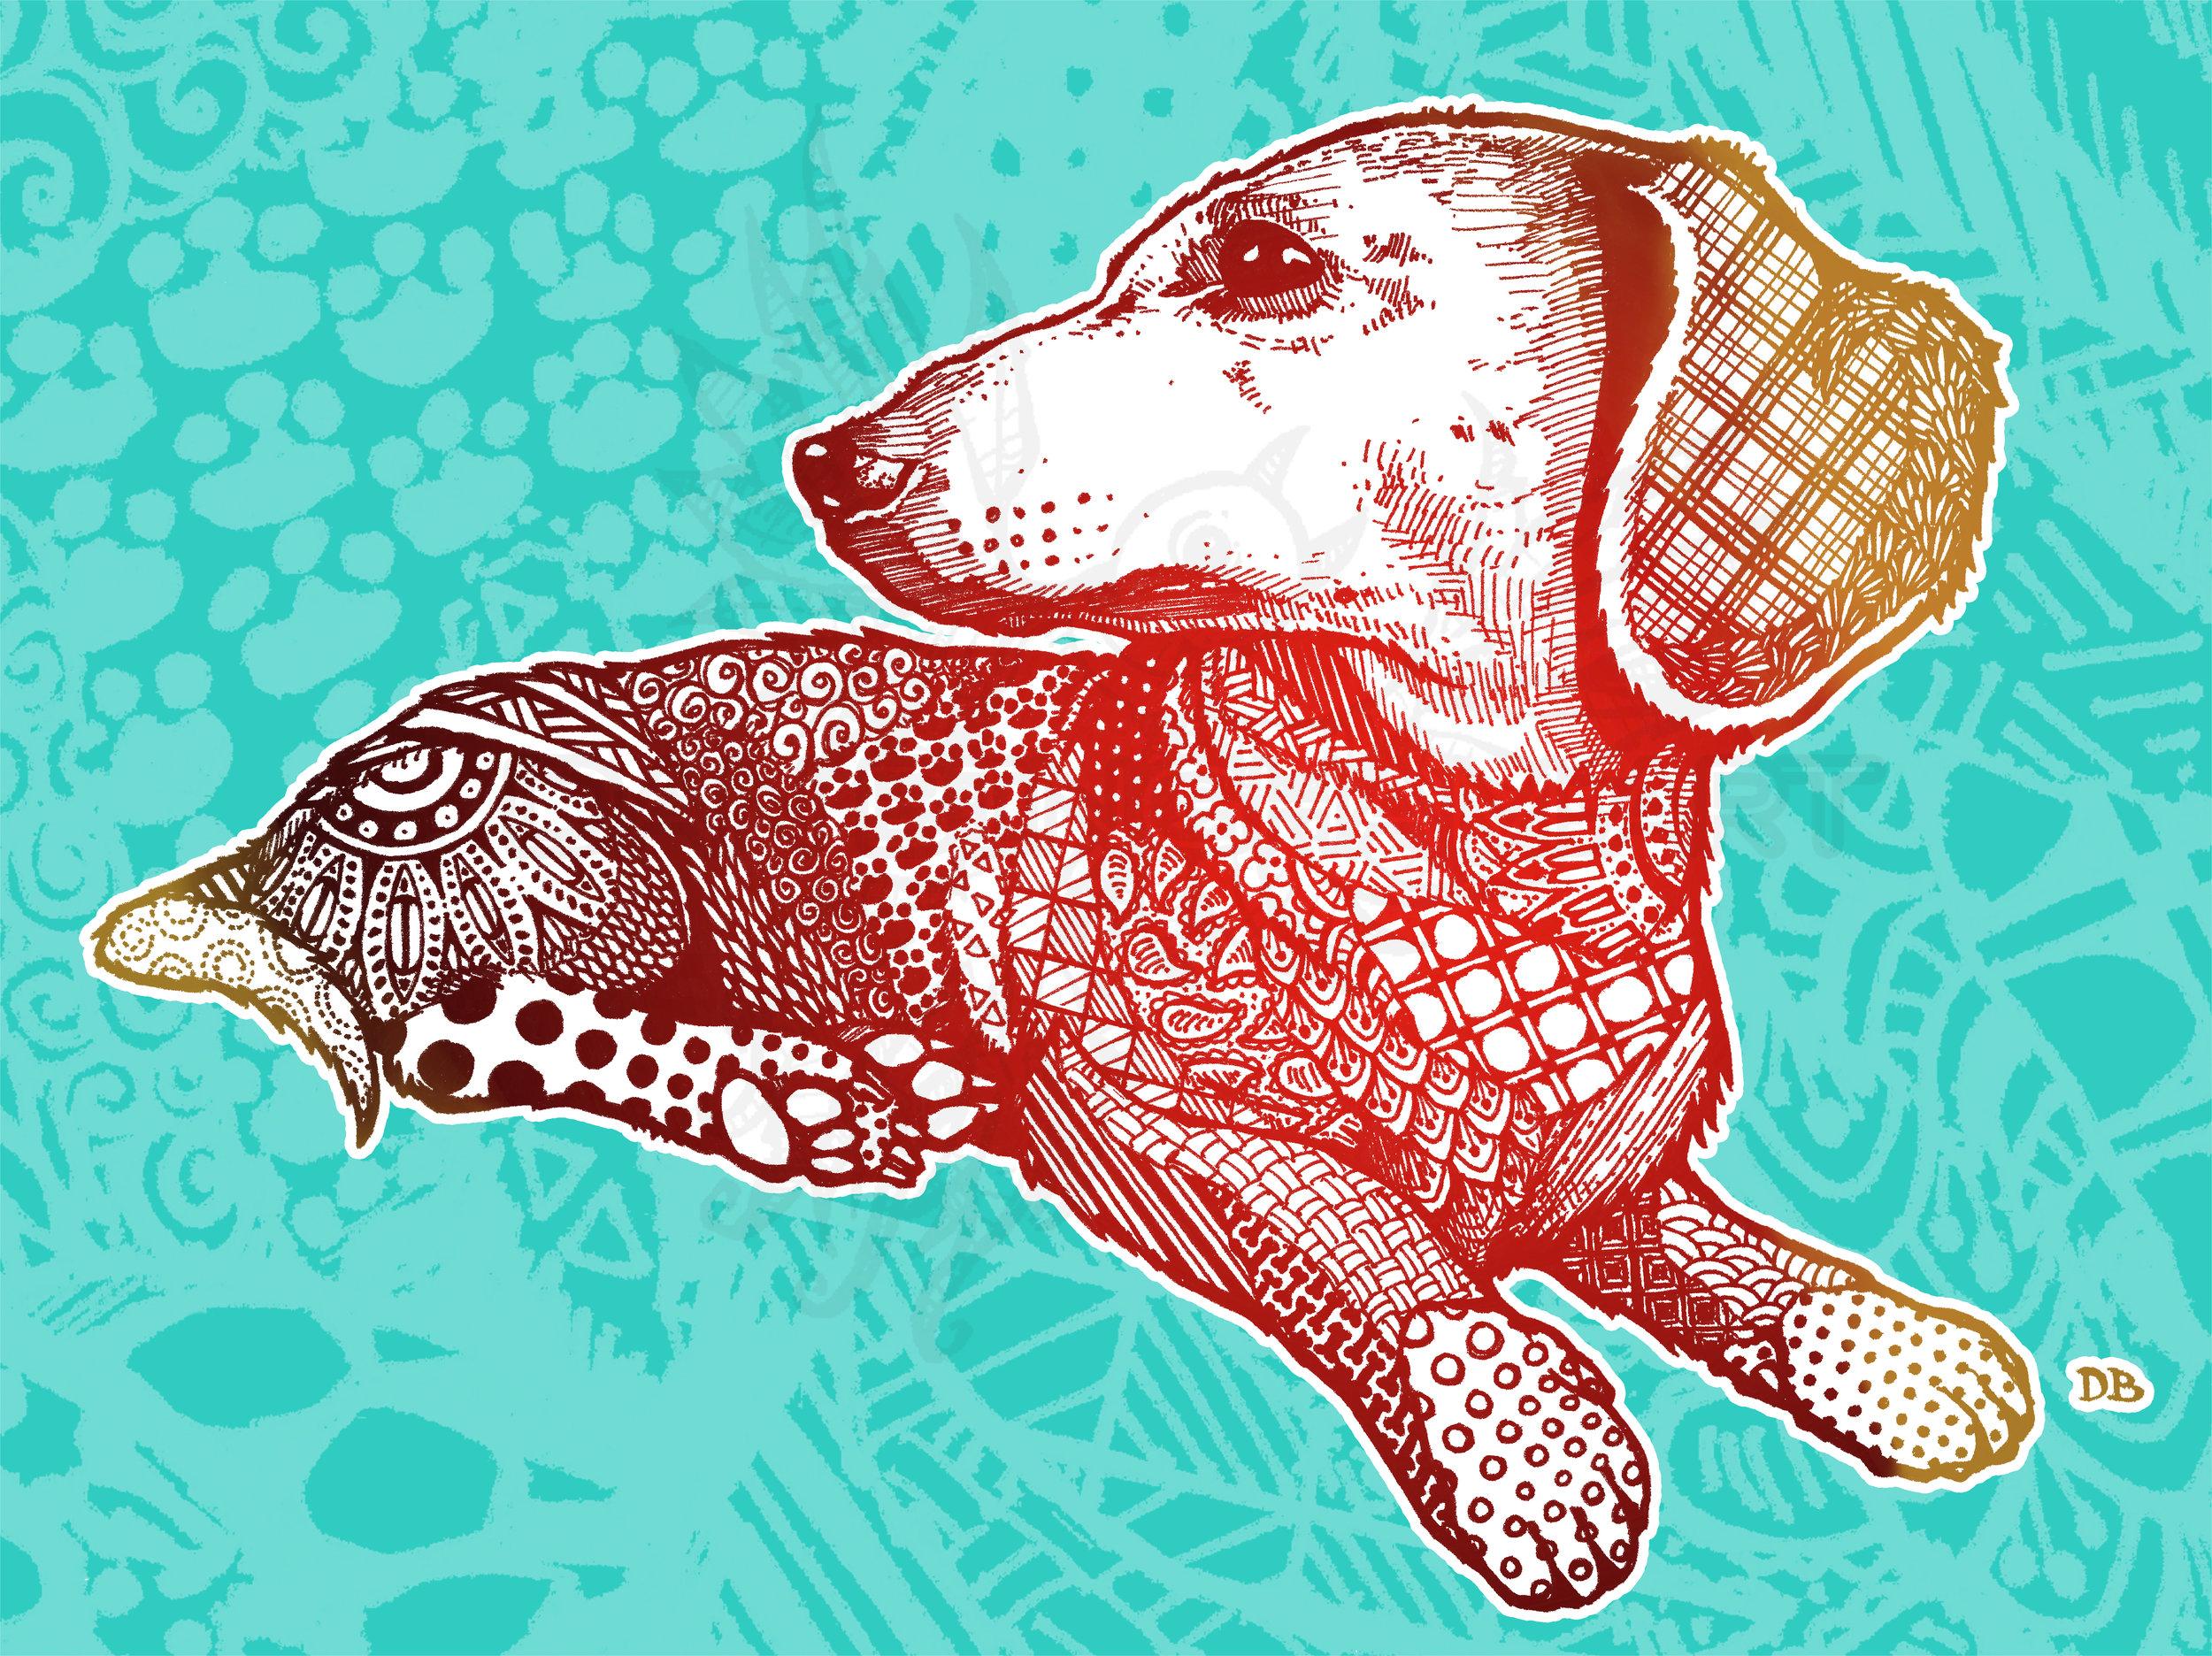 Hoover Zen Pet Portrait Commission